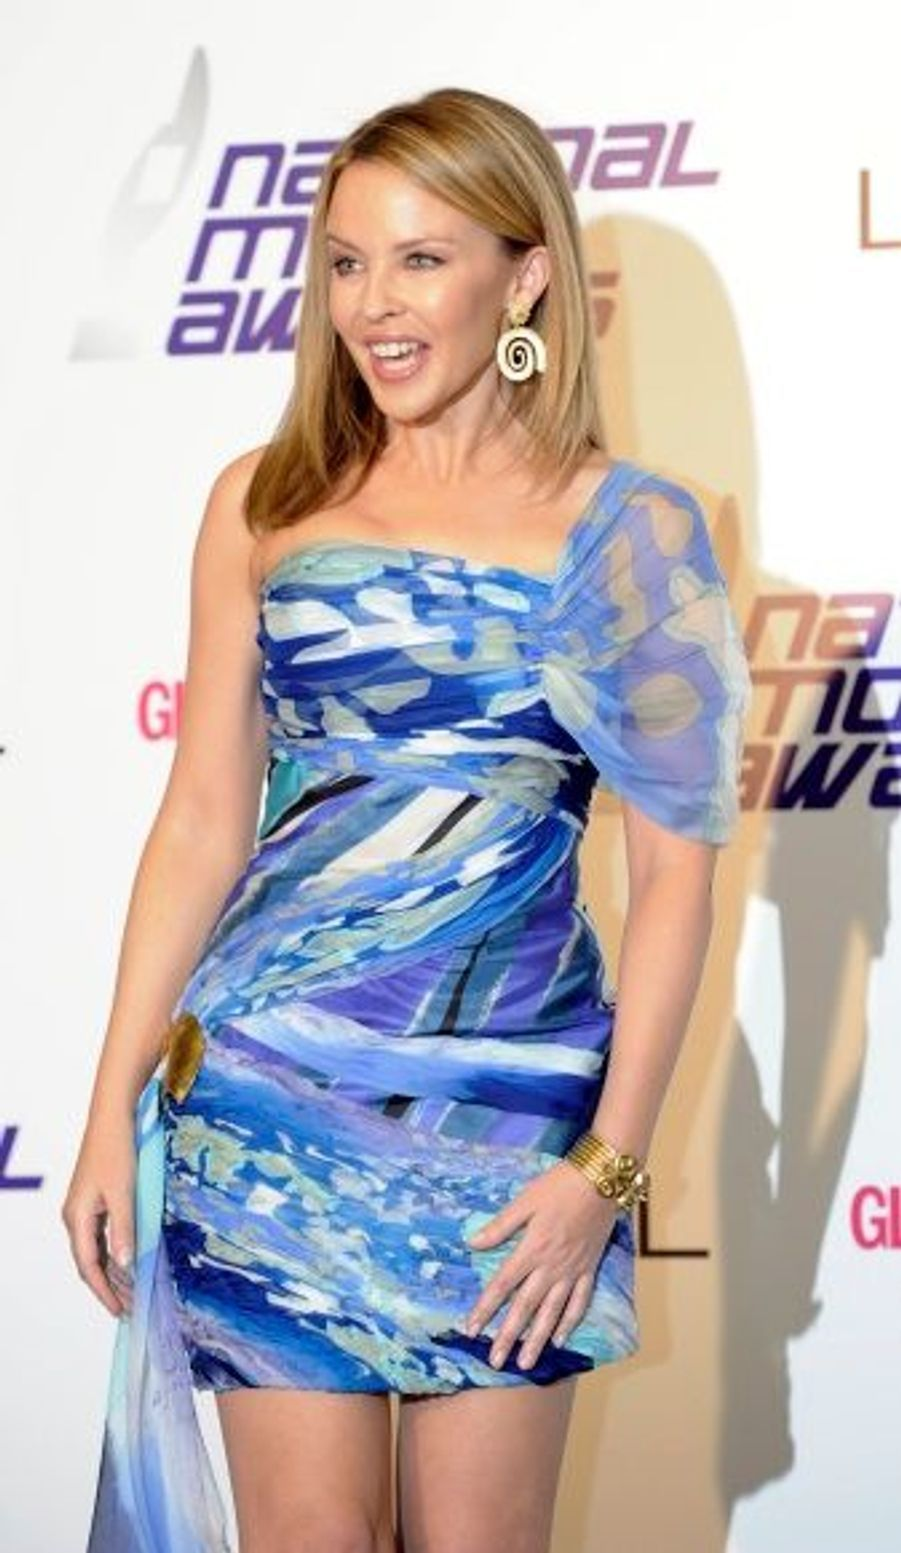 Dans une robe qui mettait parfaitement en valeur son physique, Kylie Minogue a, comme d'habitude, fait sensation sur le tapis rouge.